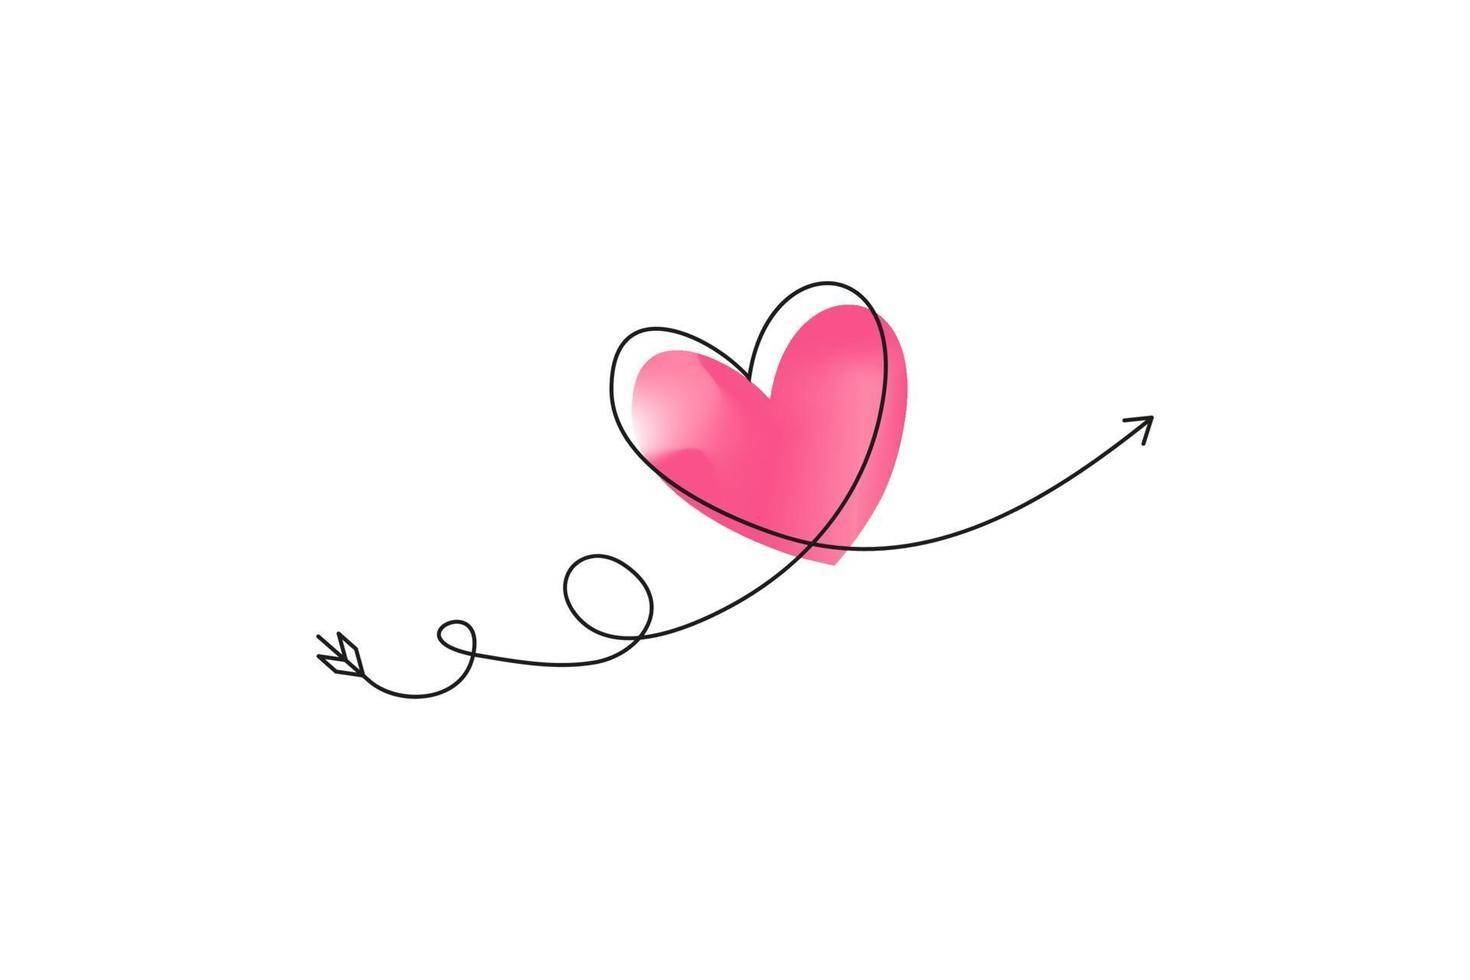 cupidens pil i kontinuerlig ritning av linjer i form av ett hjärta med pastellfärgad neonfärg. kontinuerlig svart linje. symbol för kärlek och ömhet. vektor